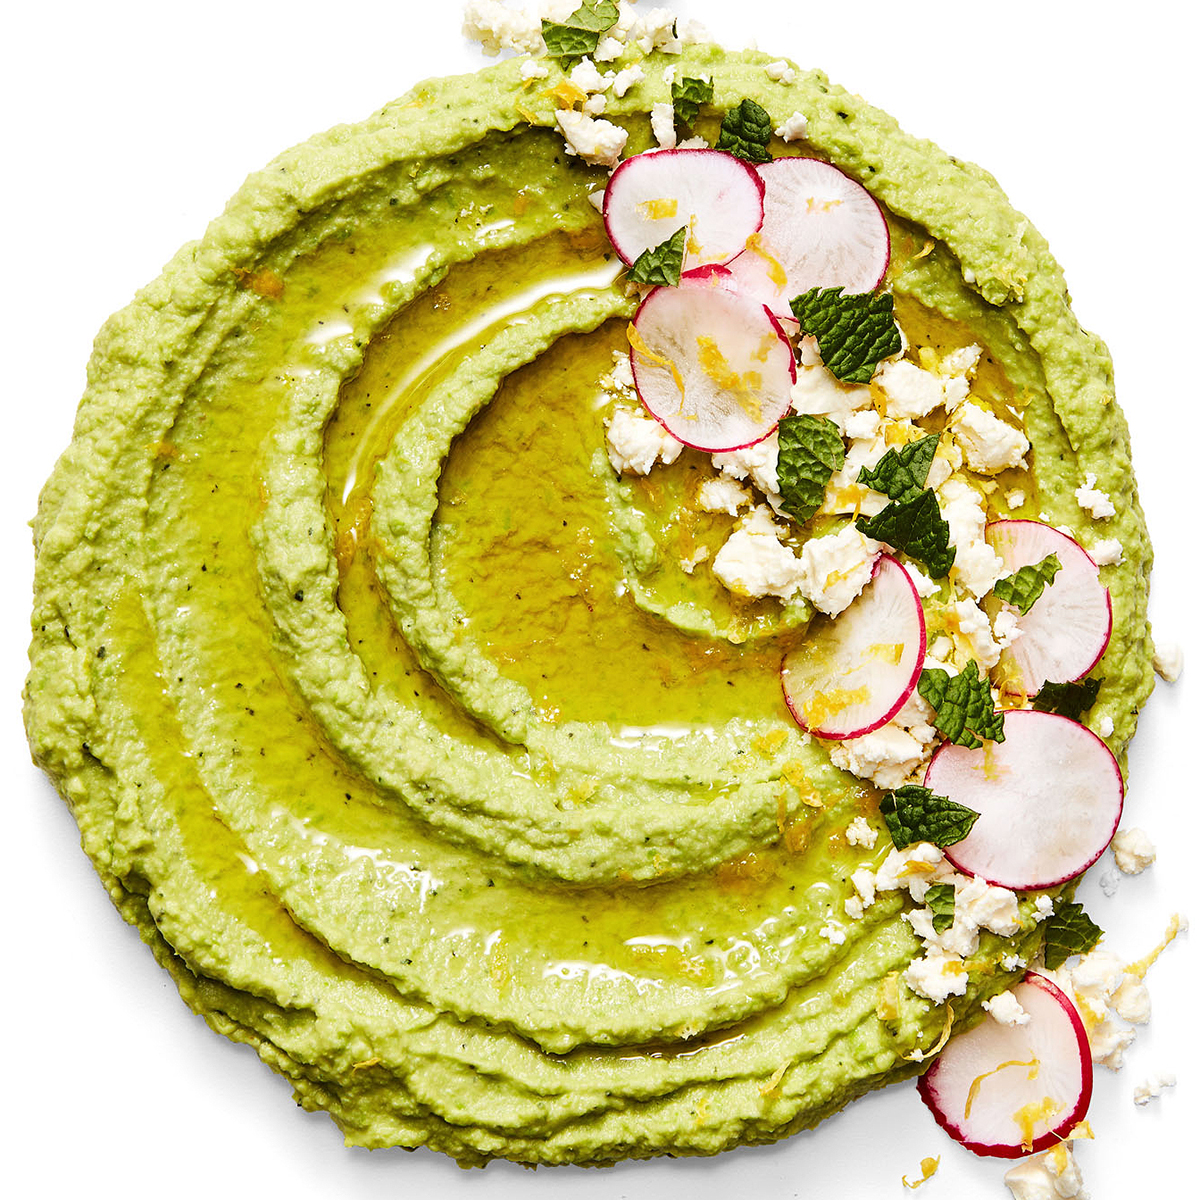 mint pea hummus with radish salad